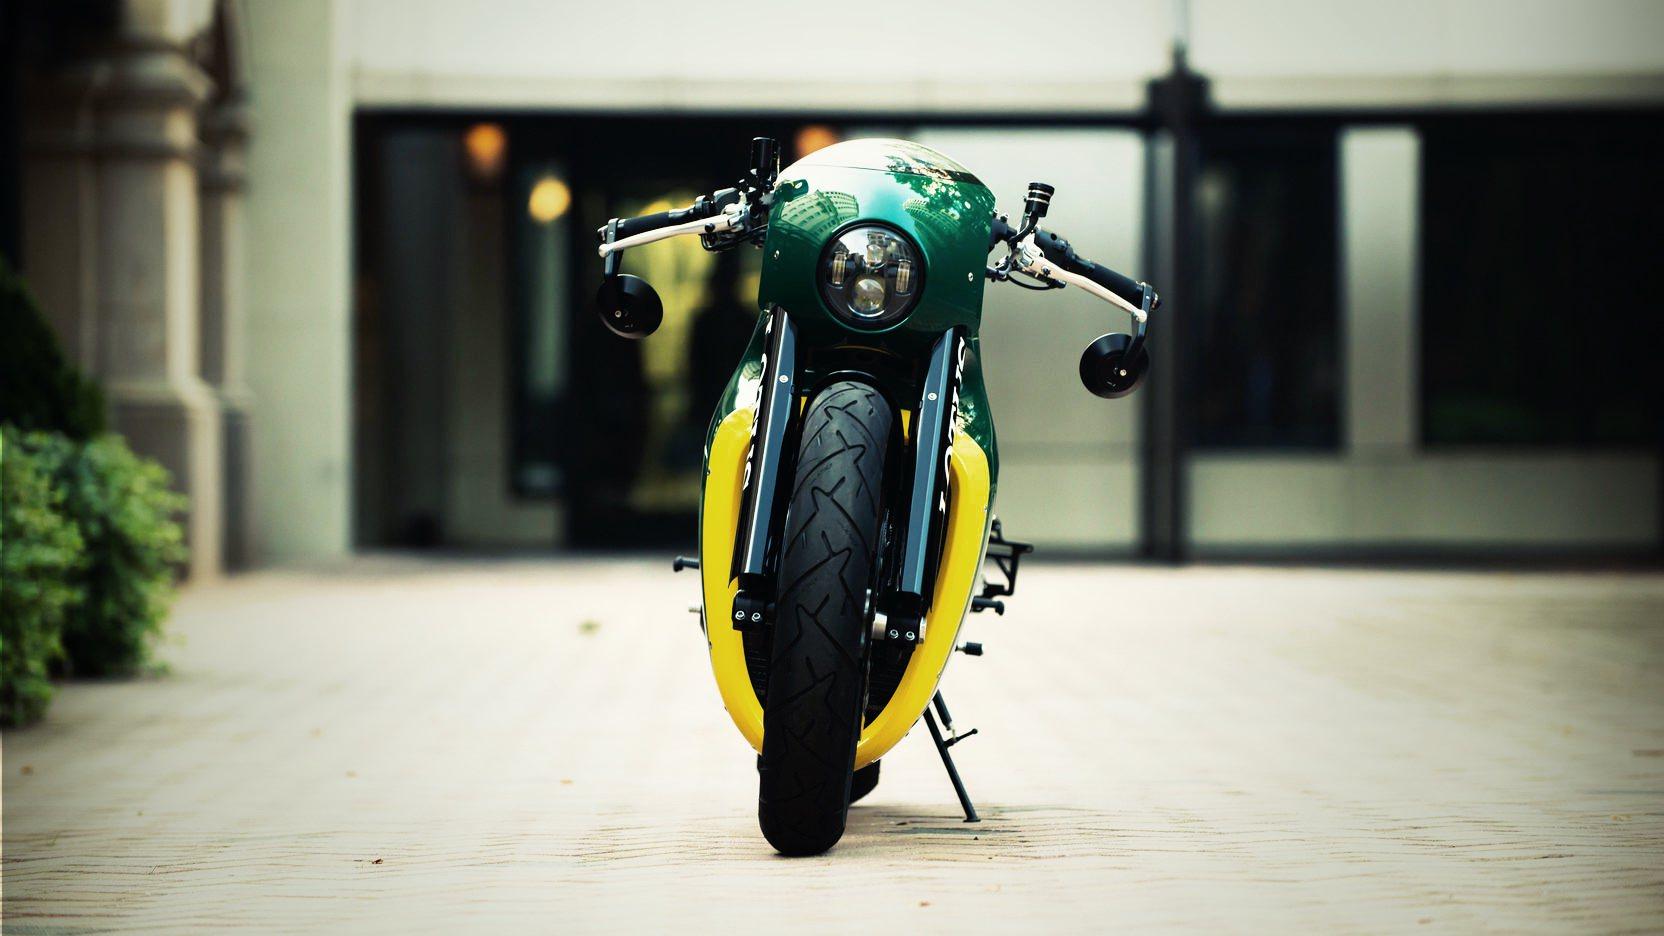 Lotus-C-01-Motorcycle-8